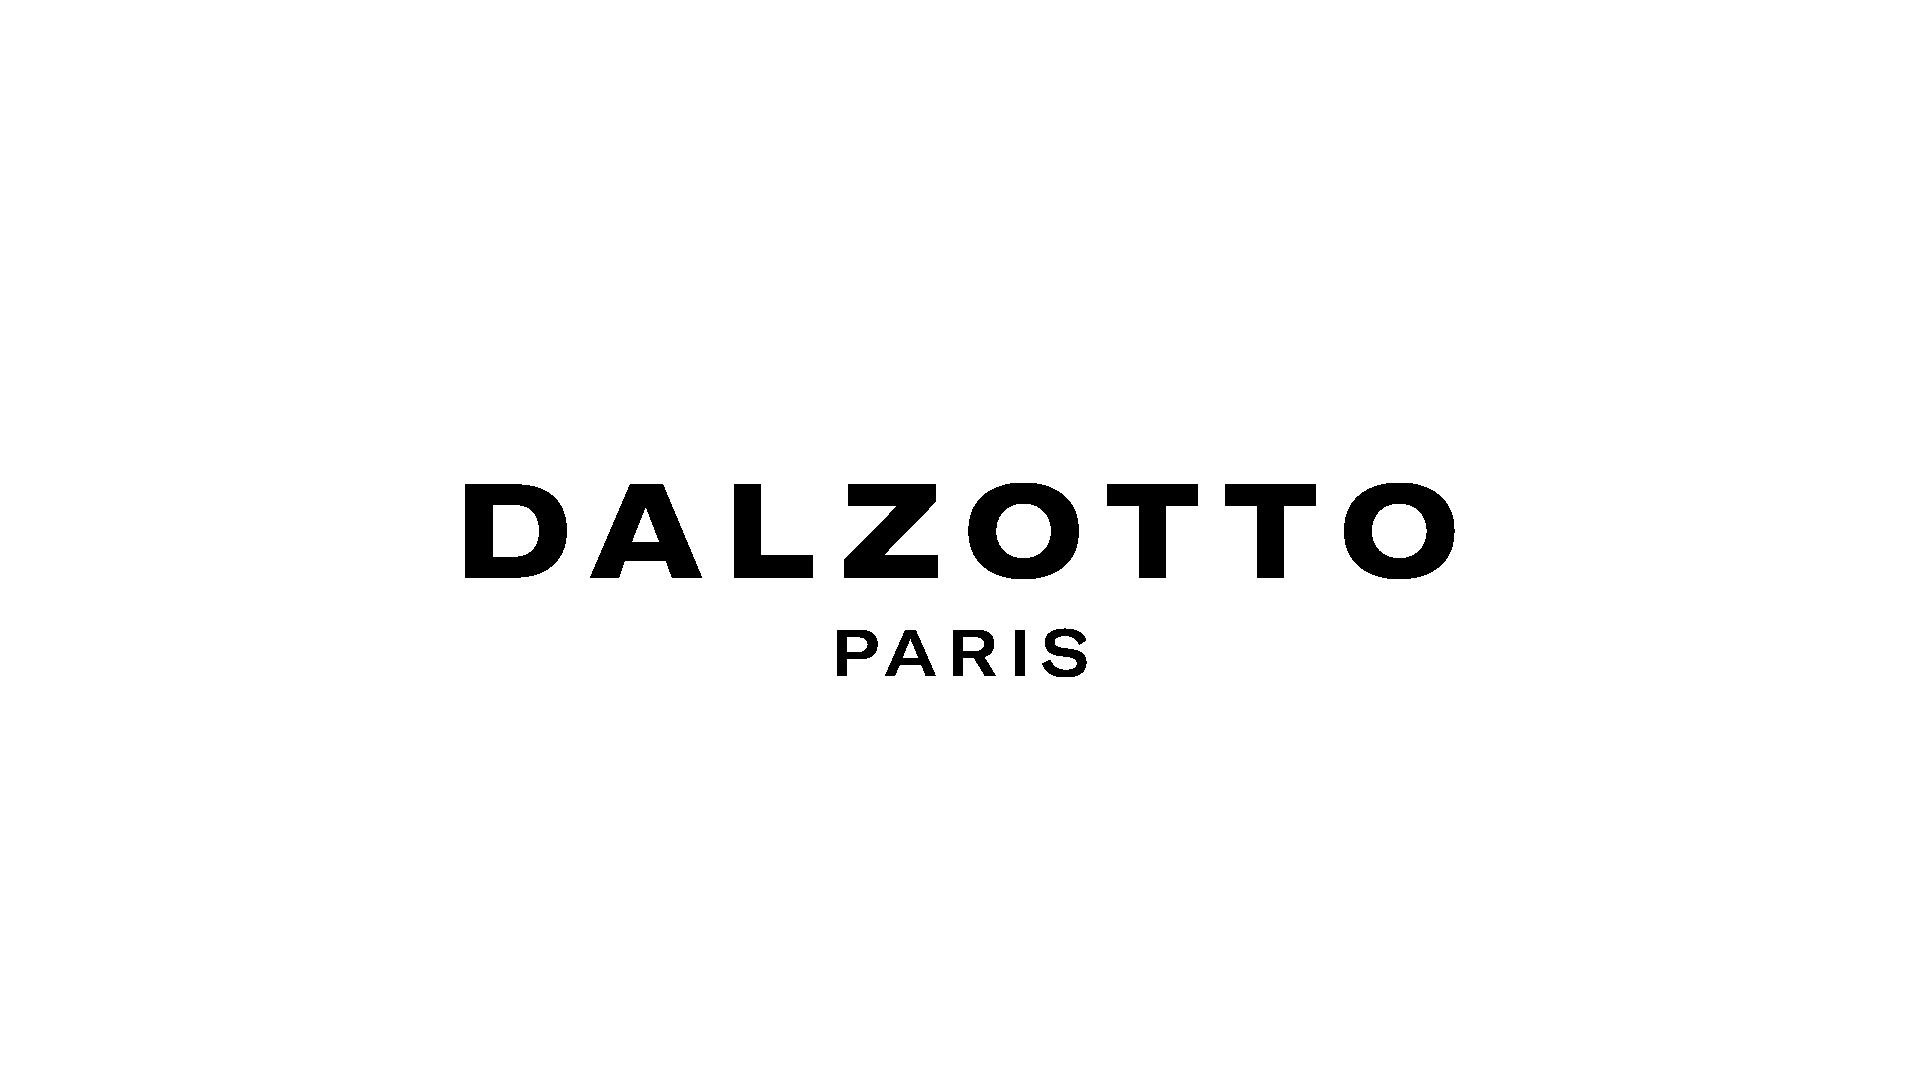 DALZOTTO